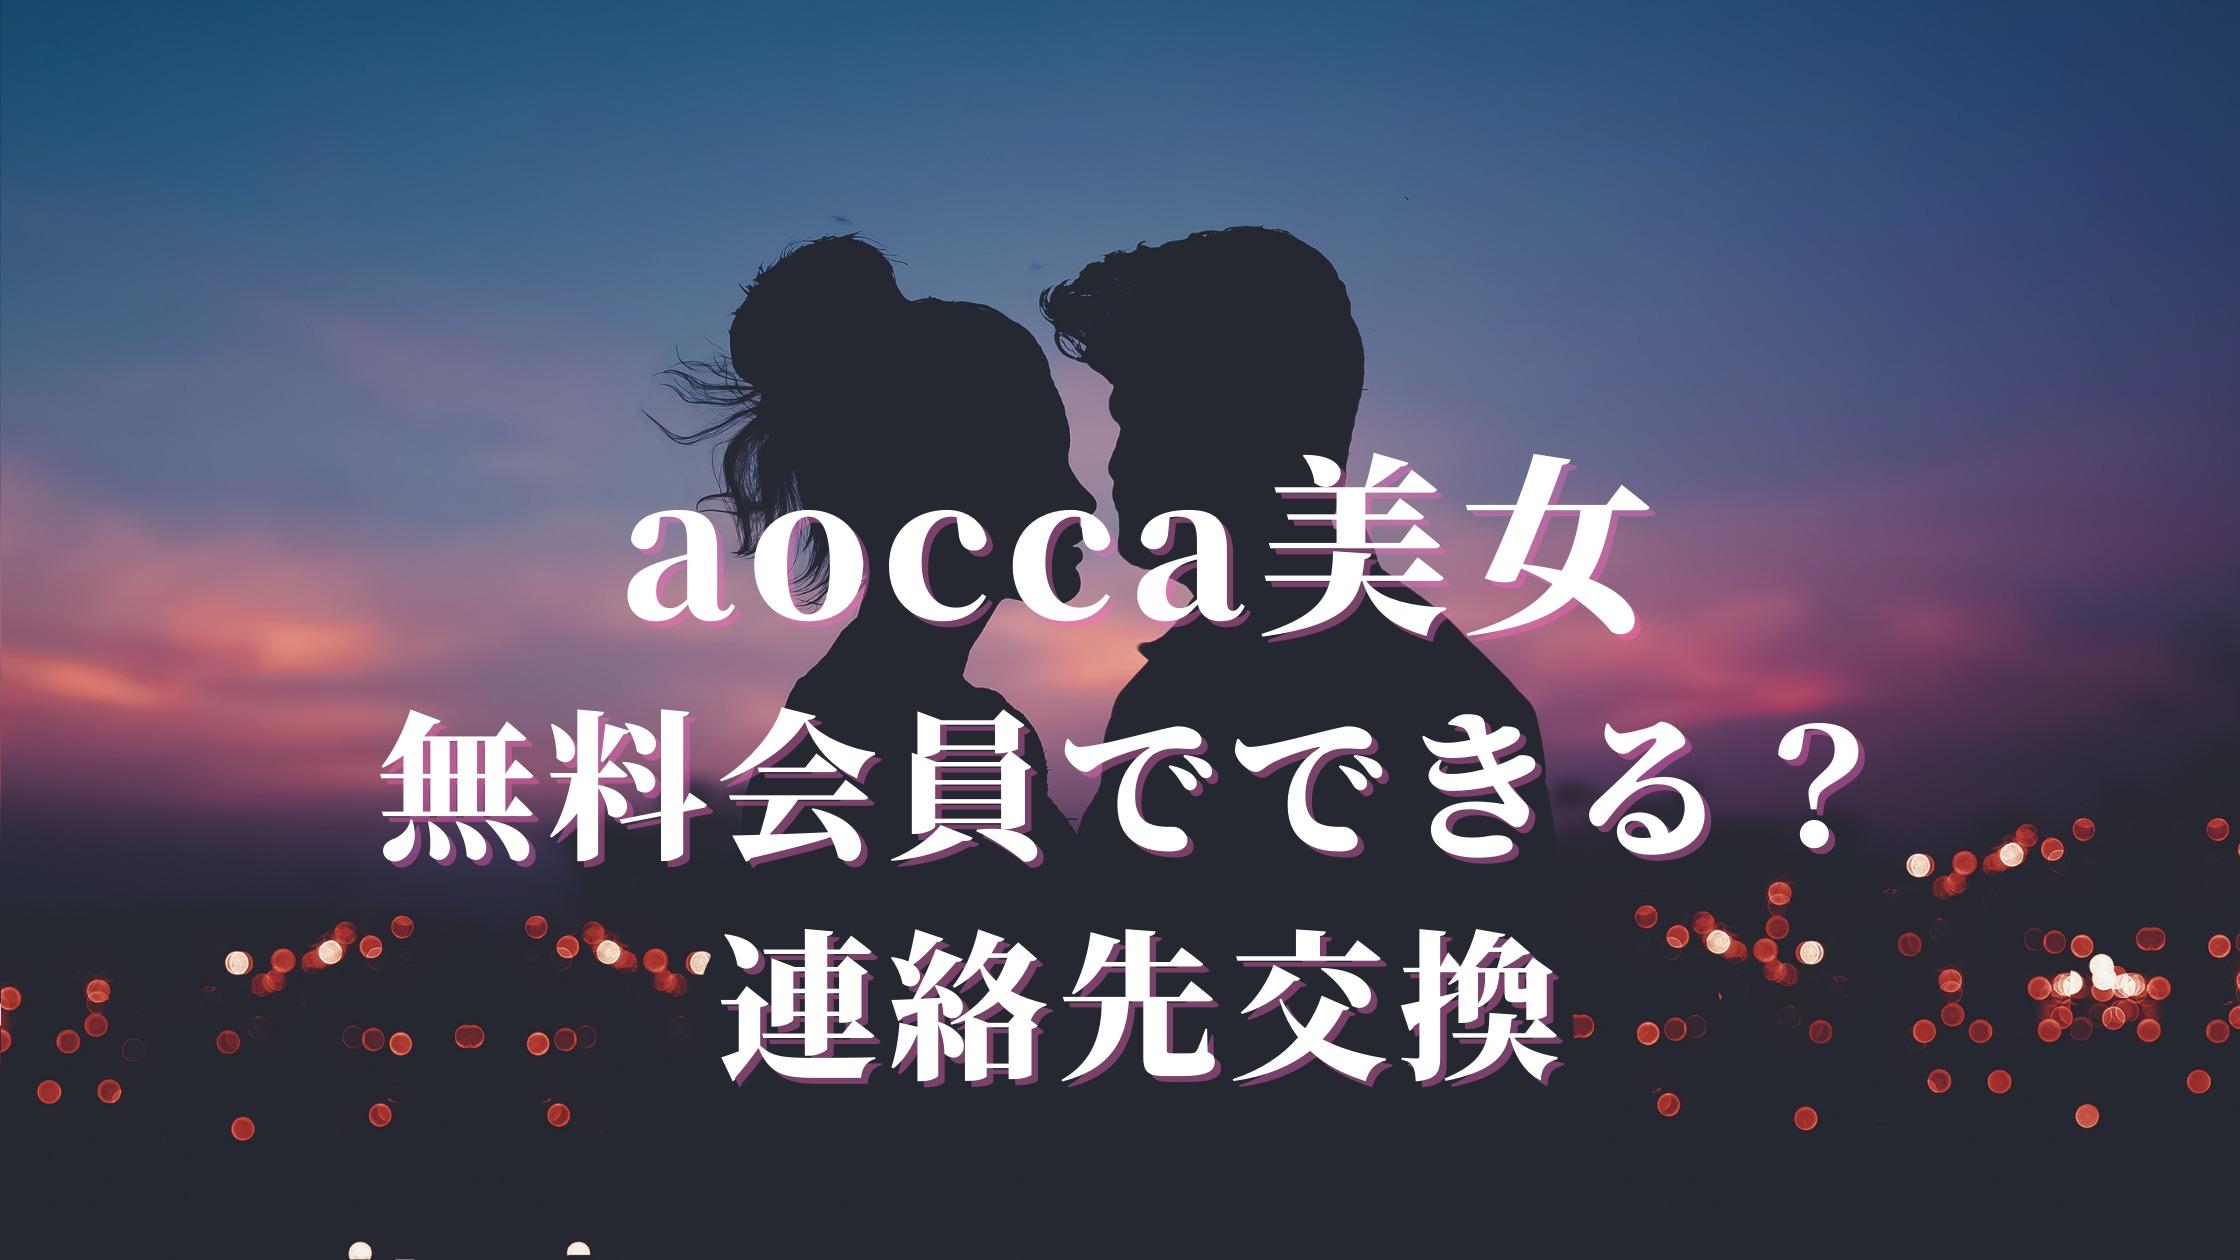 aocca美女 連絡先交換!? 無料会員でできる?